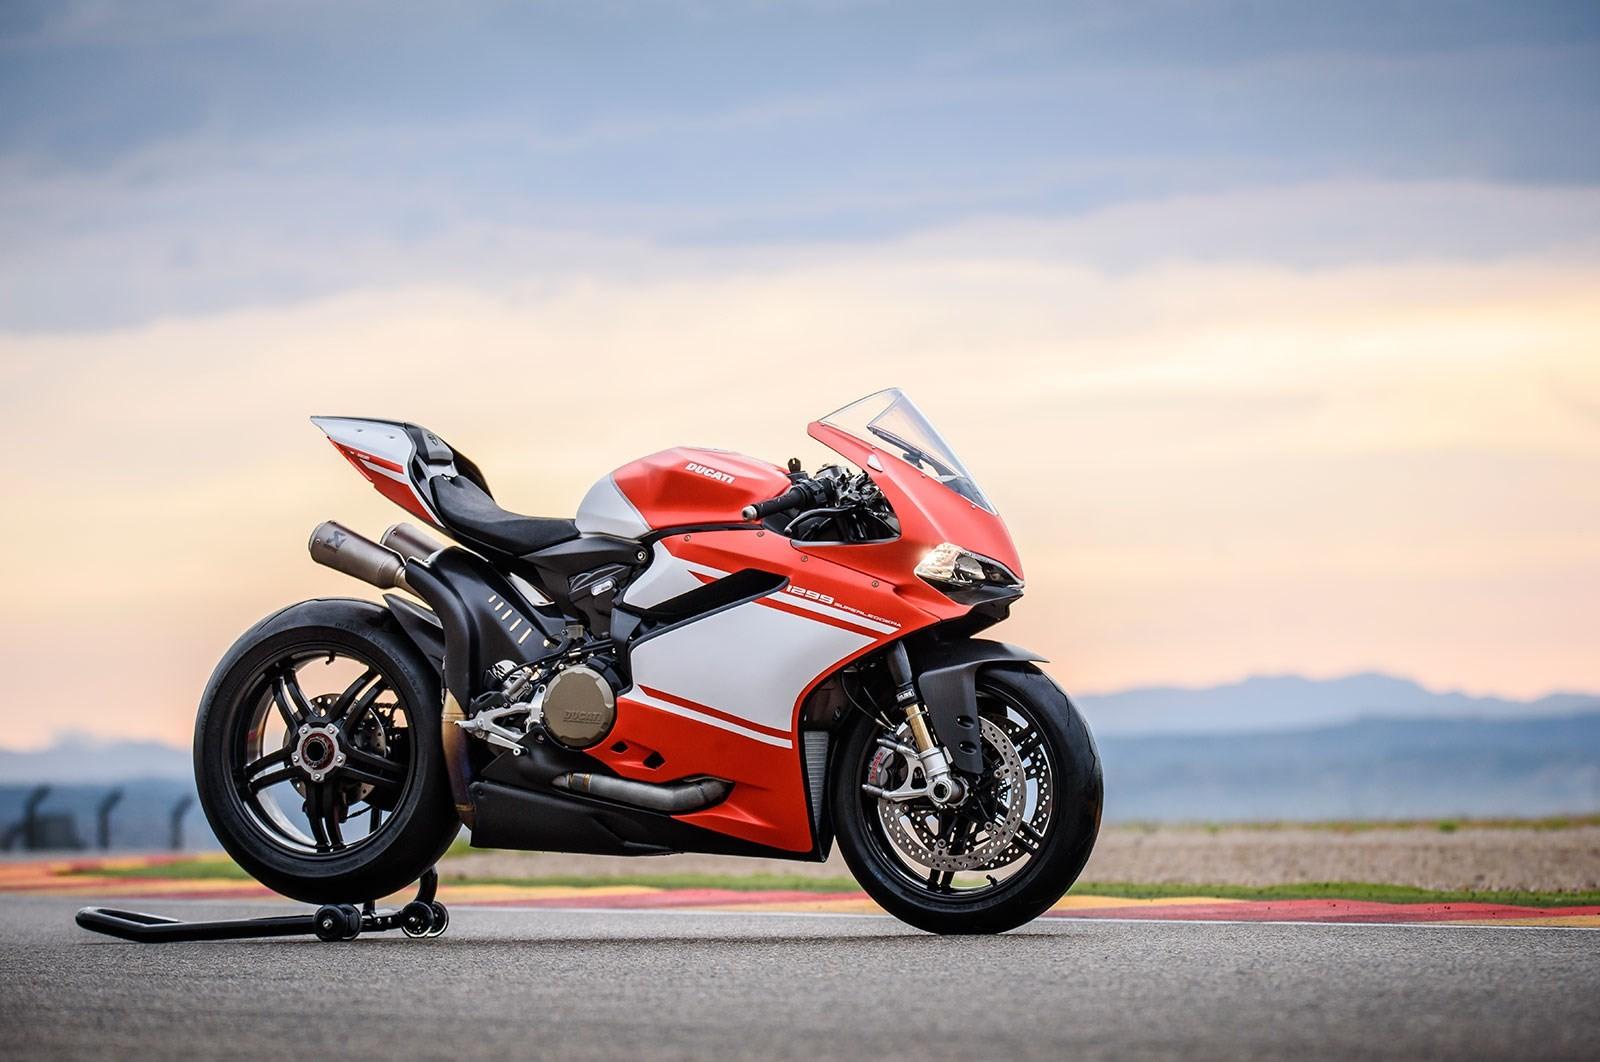 El año que viene tendremos una Ducati Panigale V4 Superleggera